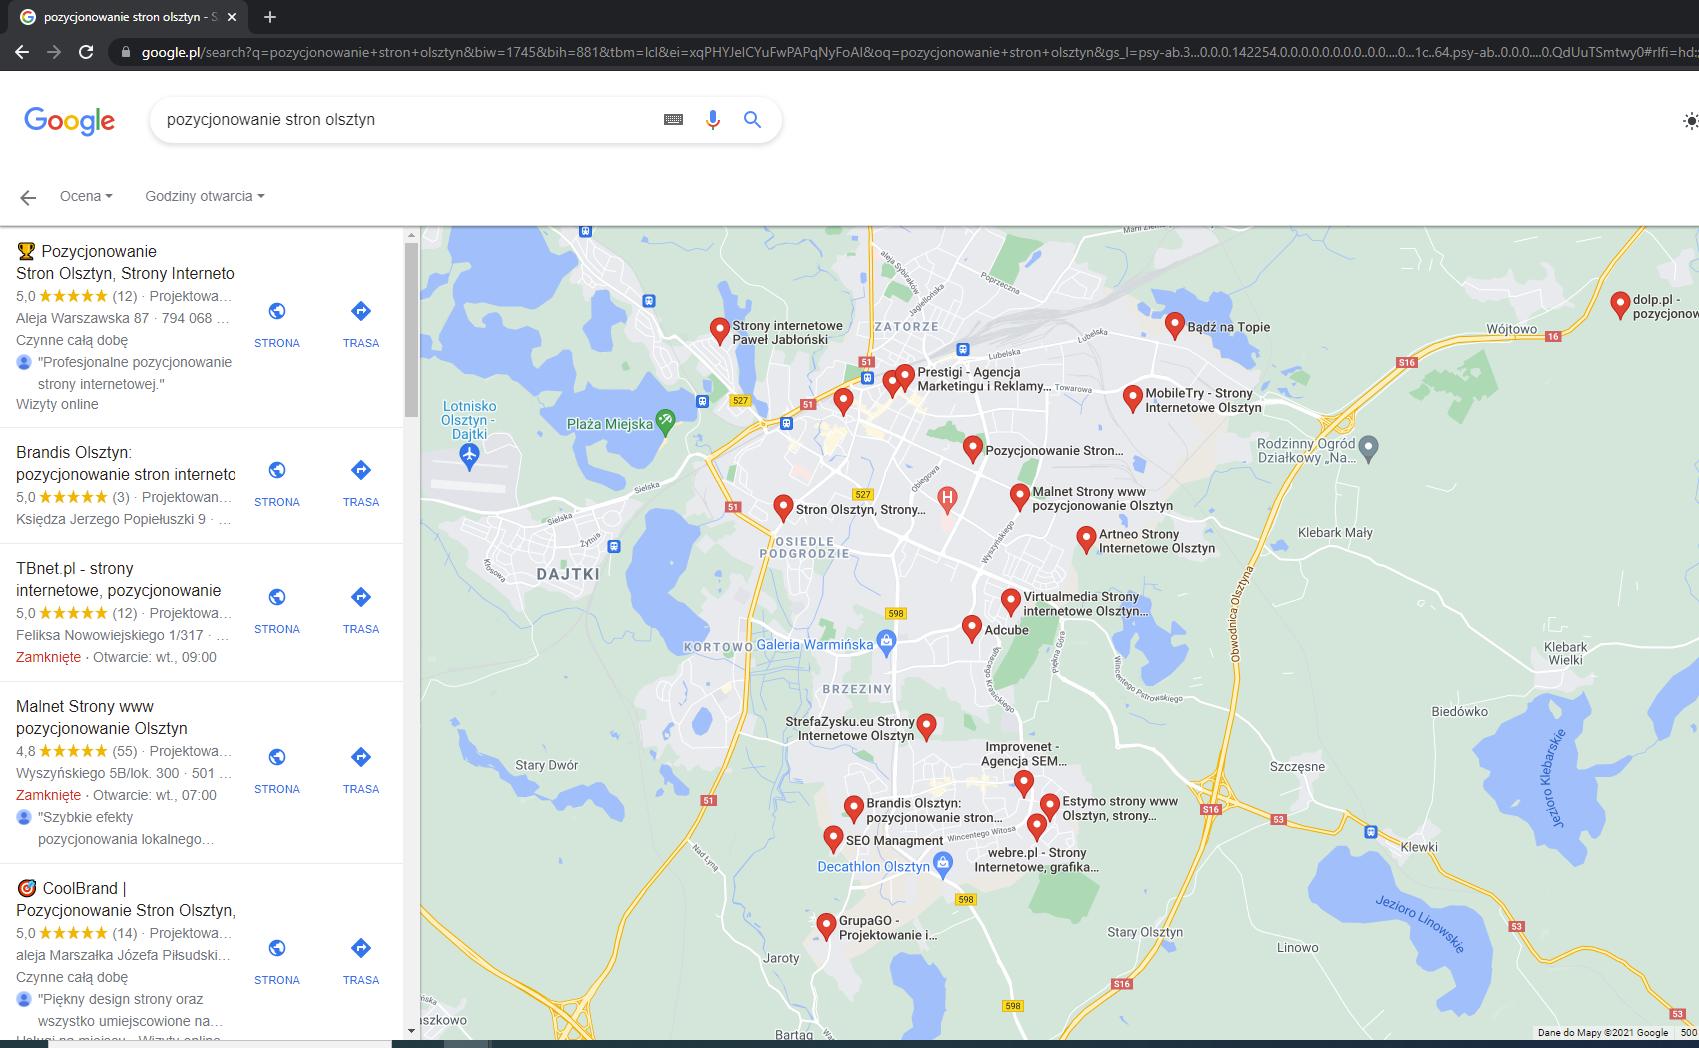 pozycjonowanie wizytówek google moja firma olsztyn